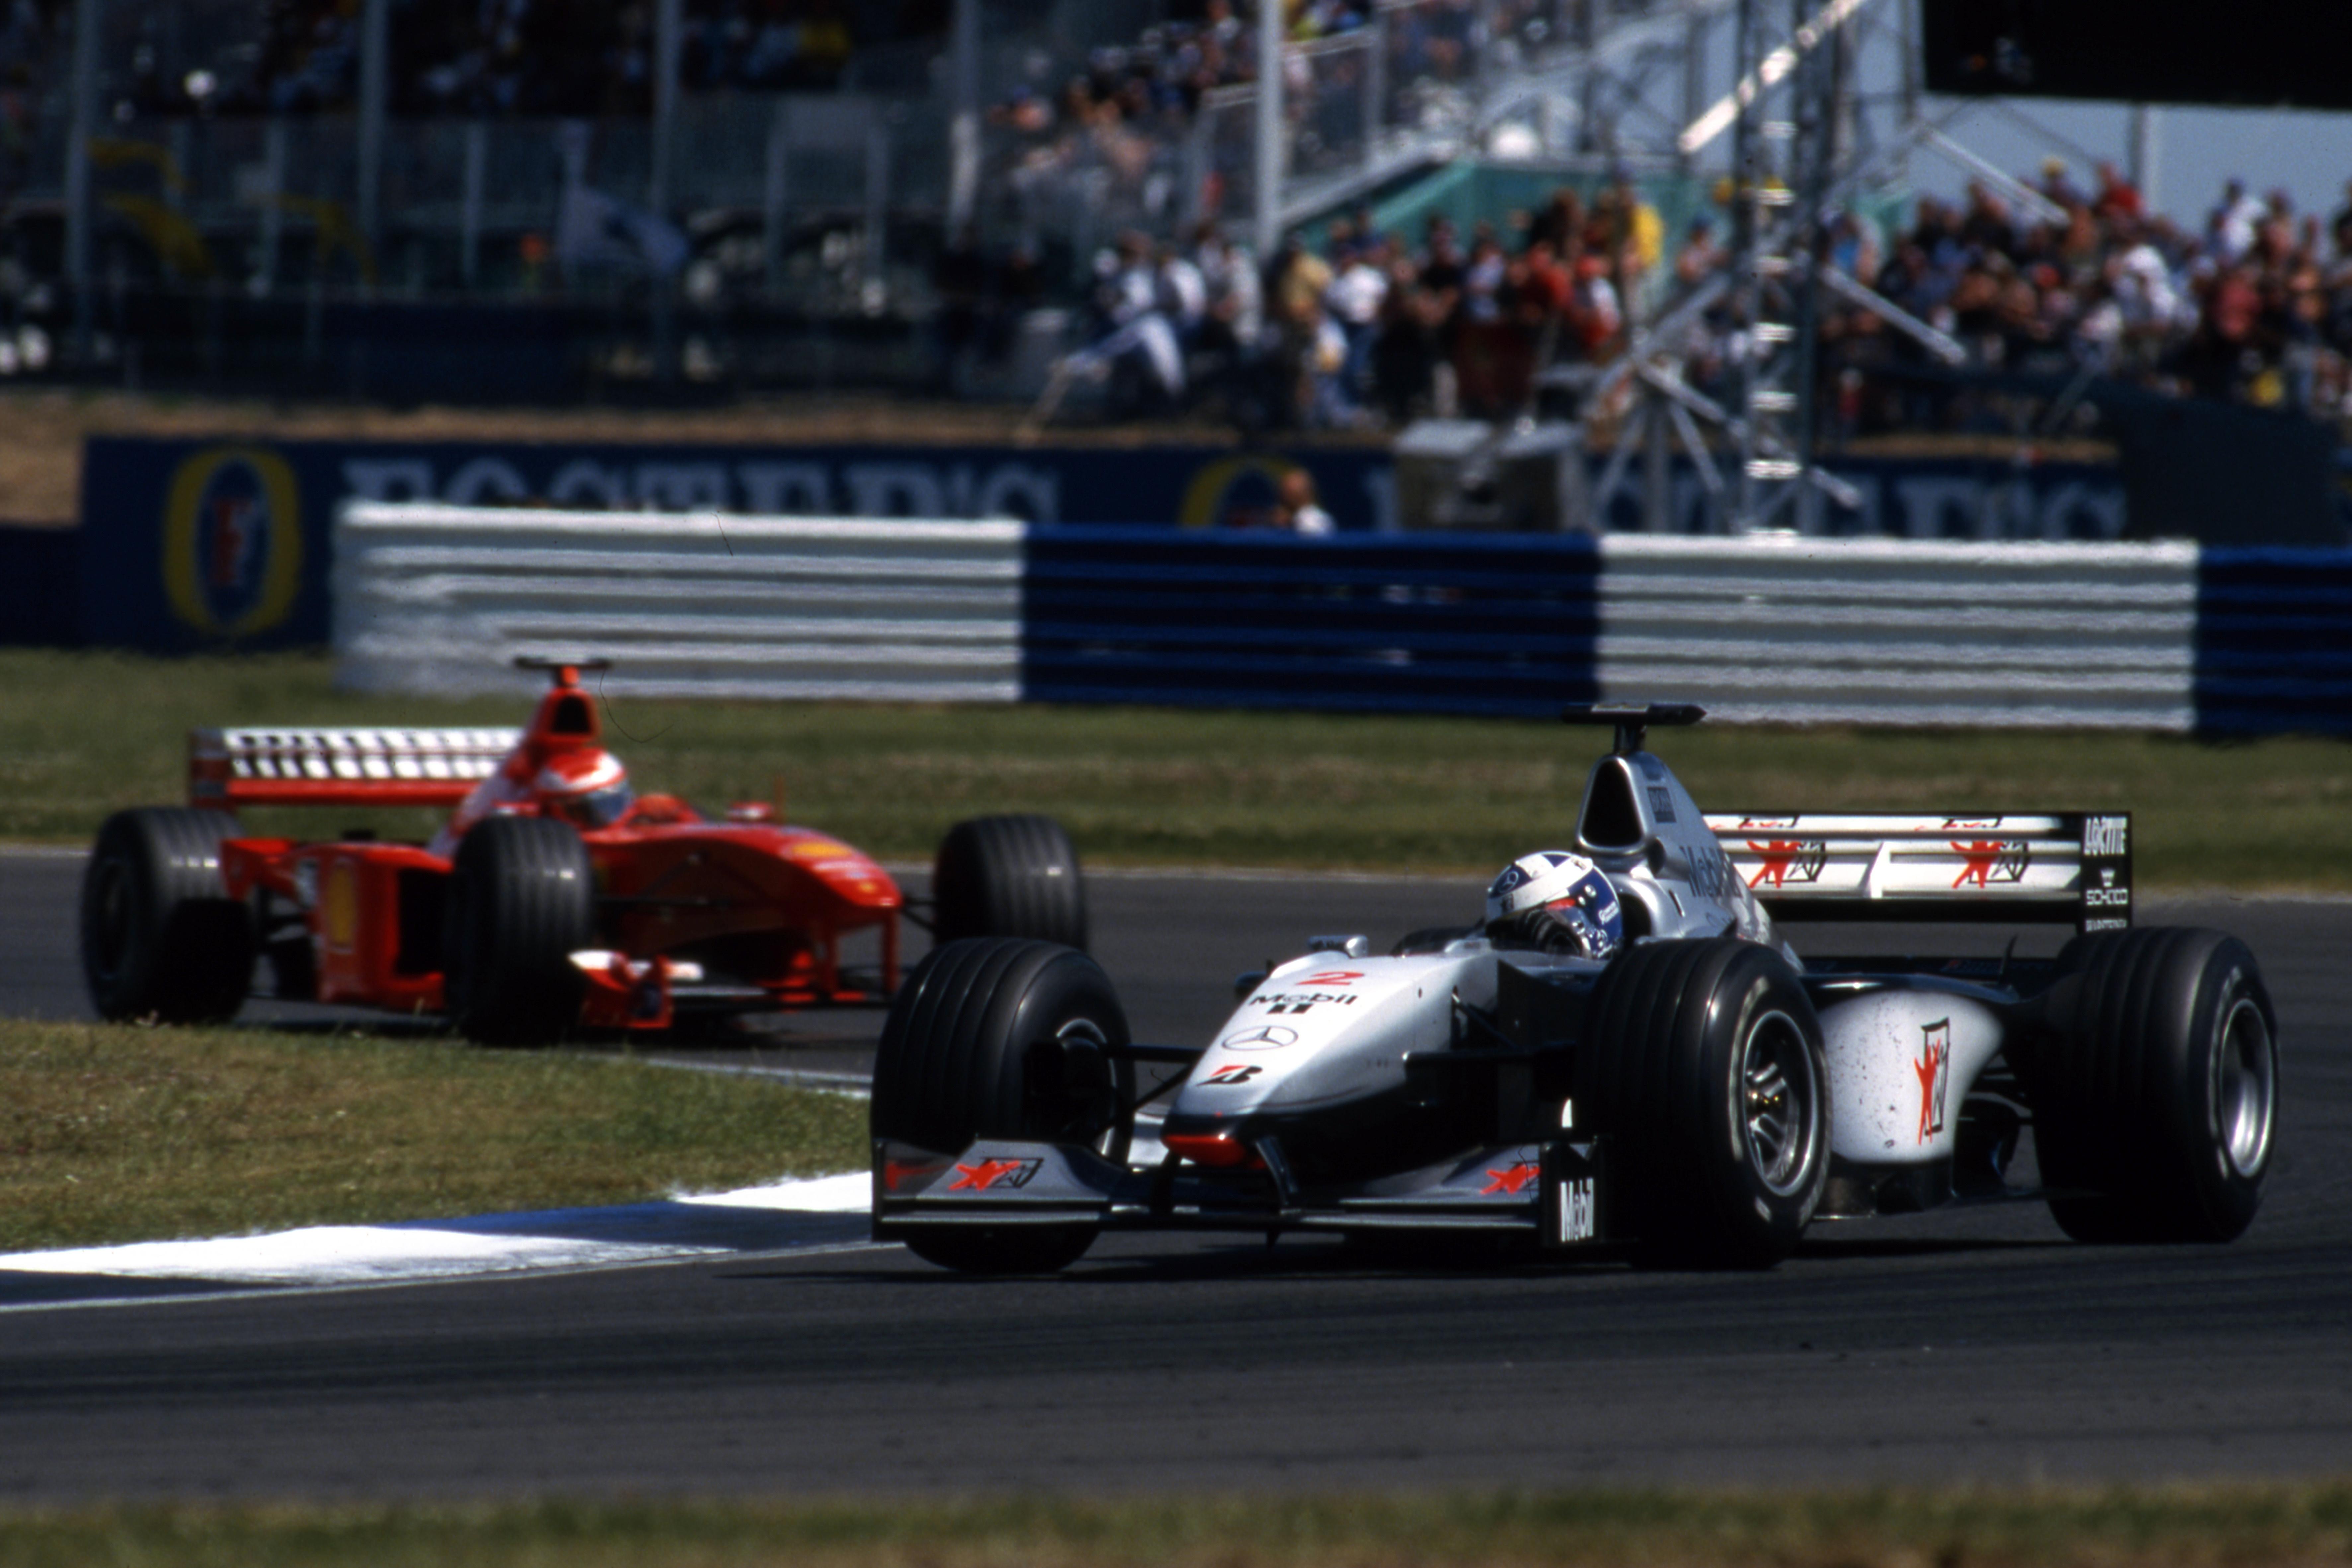 David Coulthard McLaren Eddie Irvine Ferrari British Grand Prix 1999 Silverstone